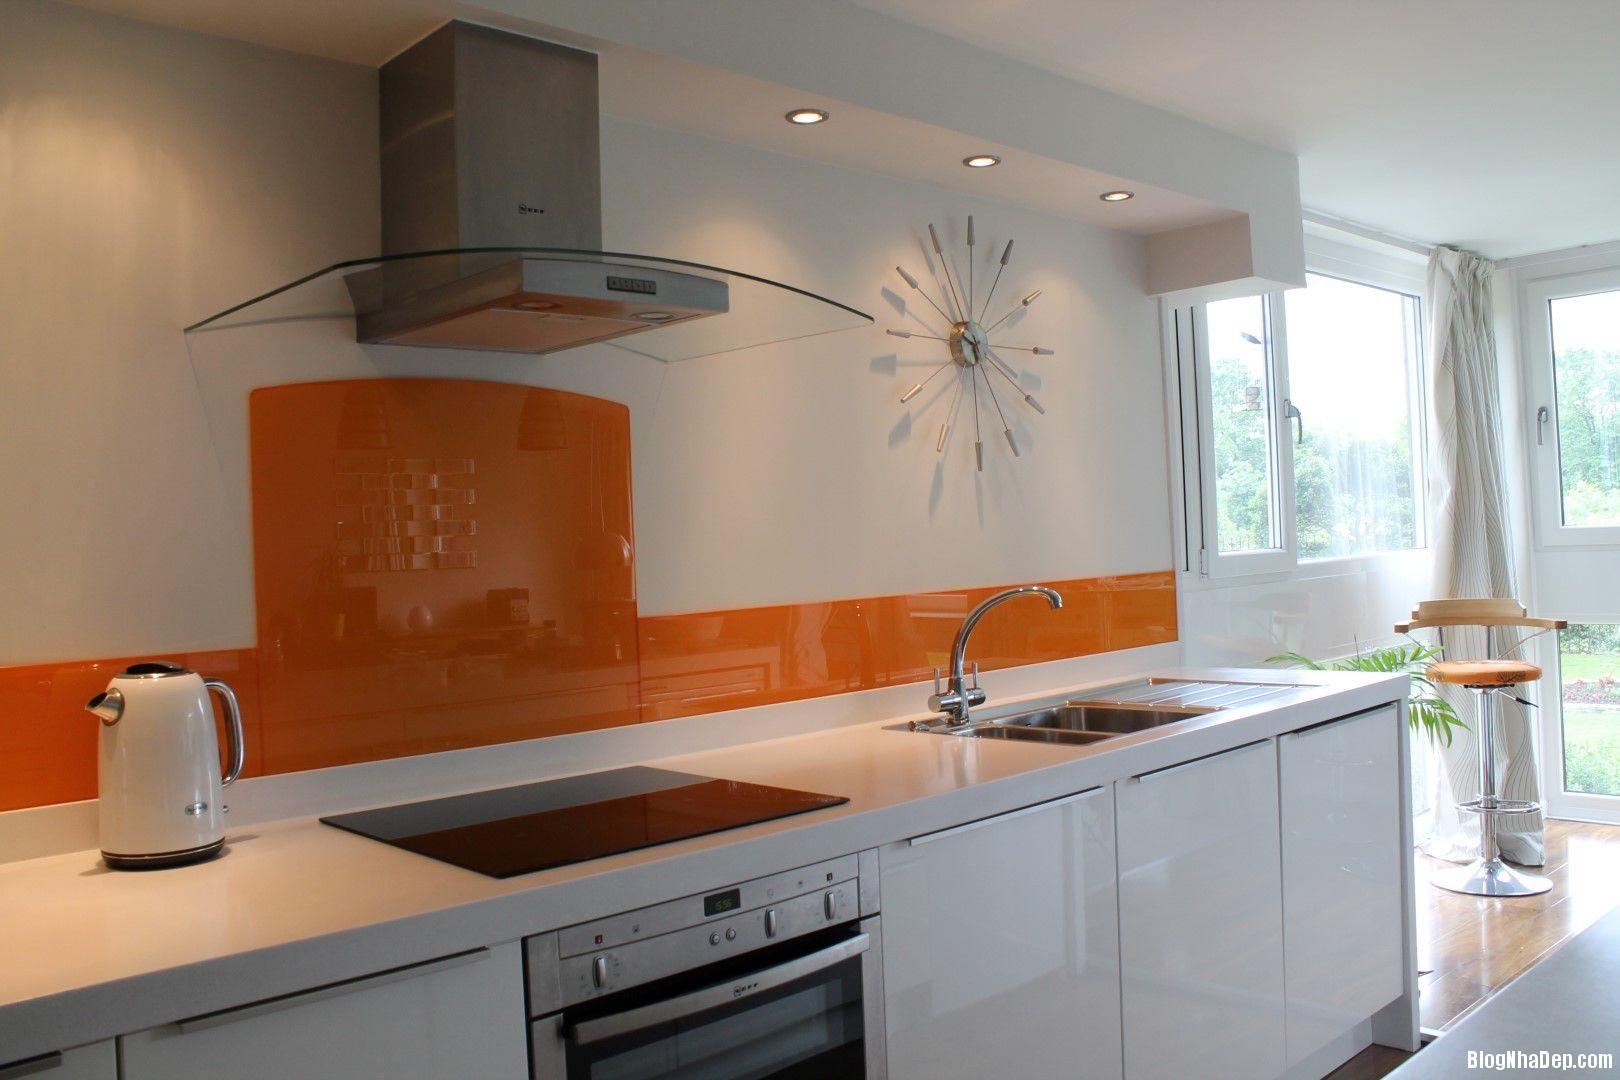 20140717032450441 Sử dụng kính cường lực in hình trong thiết kế bếp hiện đại